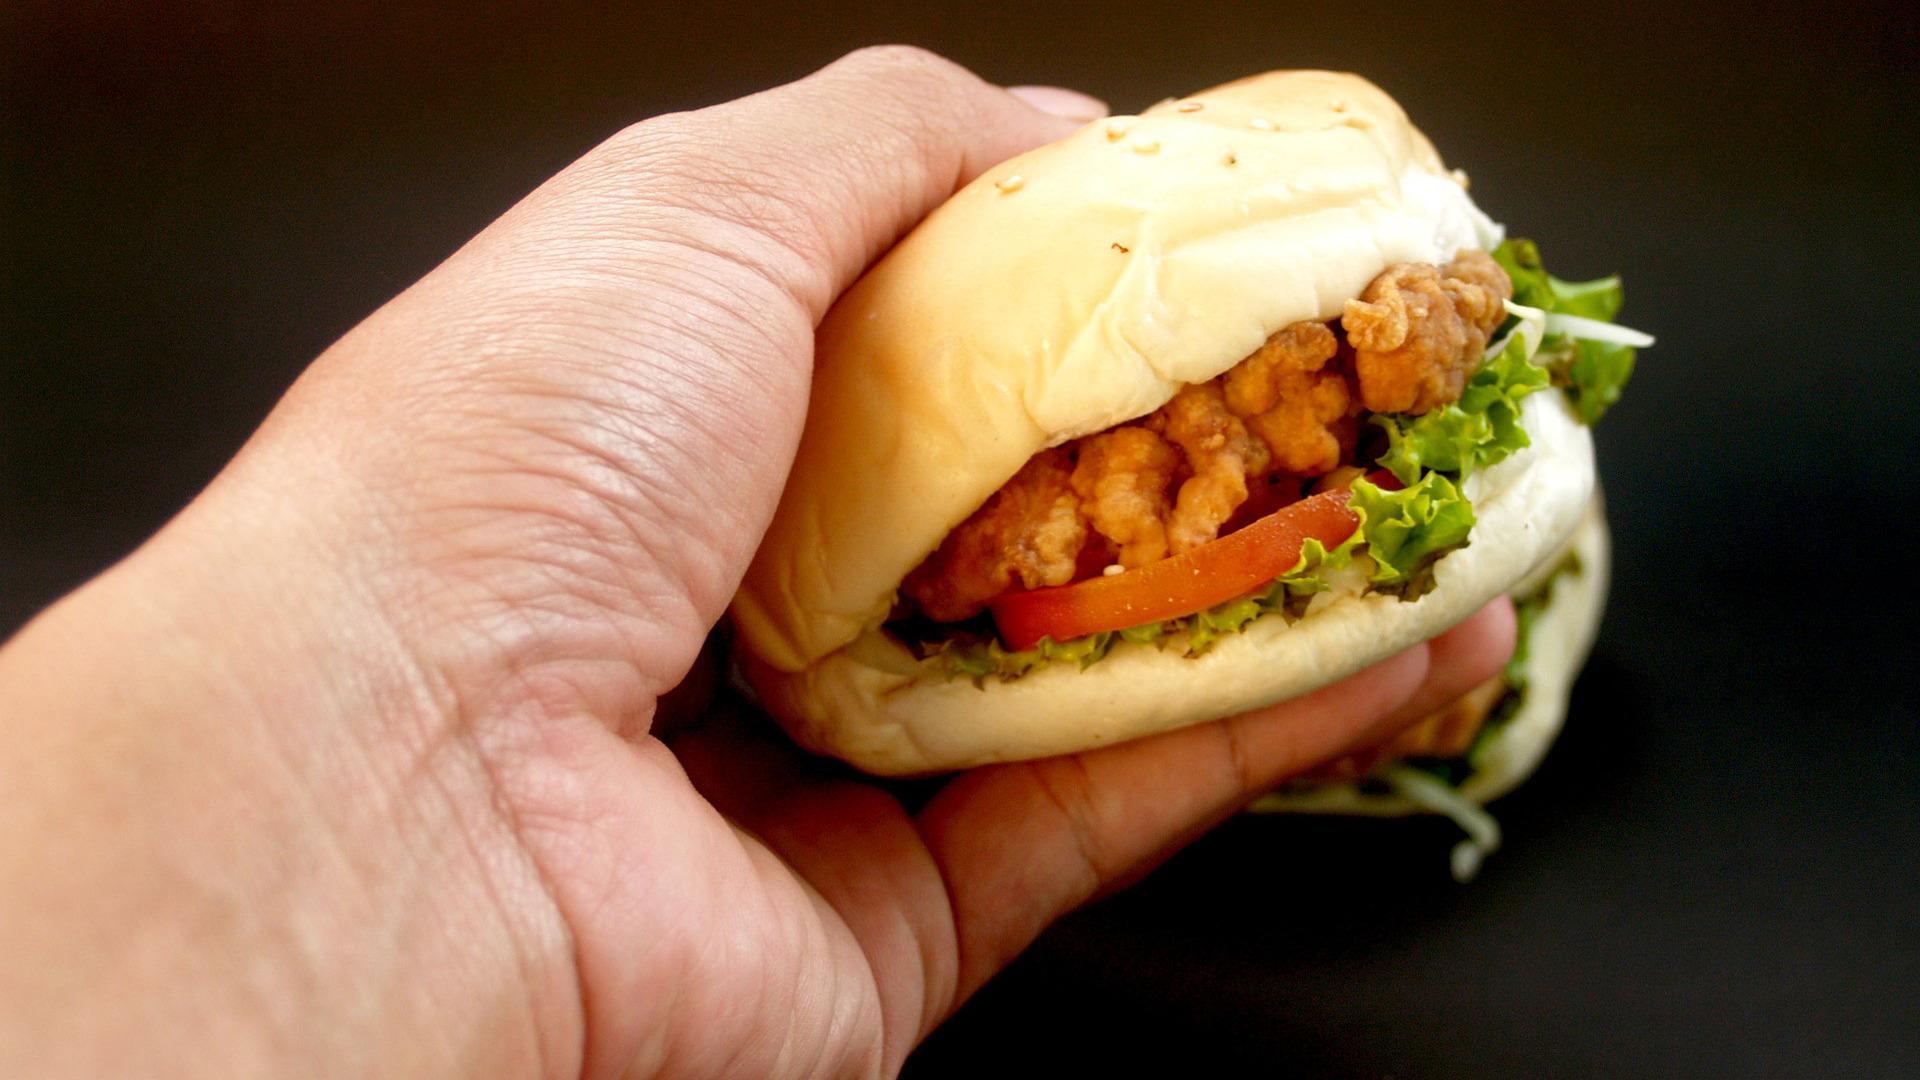 la-colocacion-adecuado-de-los-dedos-para-comer-una-hamburguesa-sin-que-se-caiga-1920